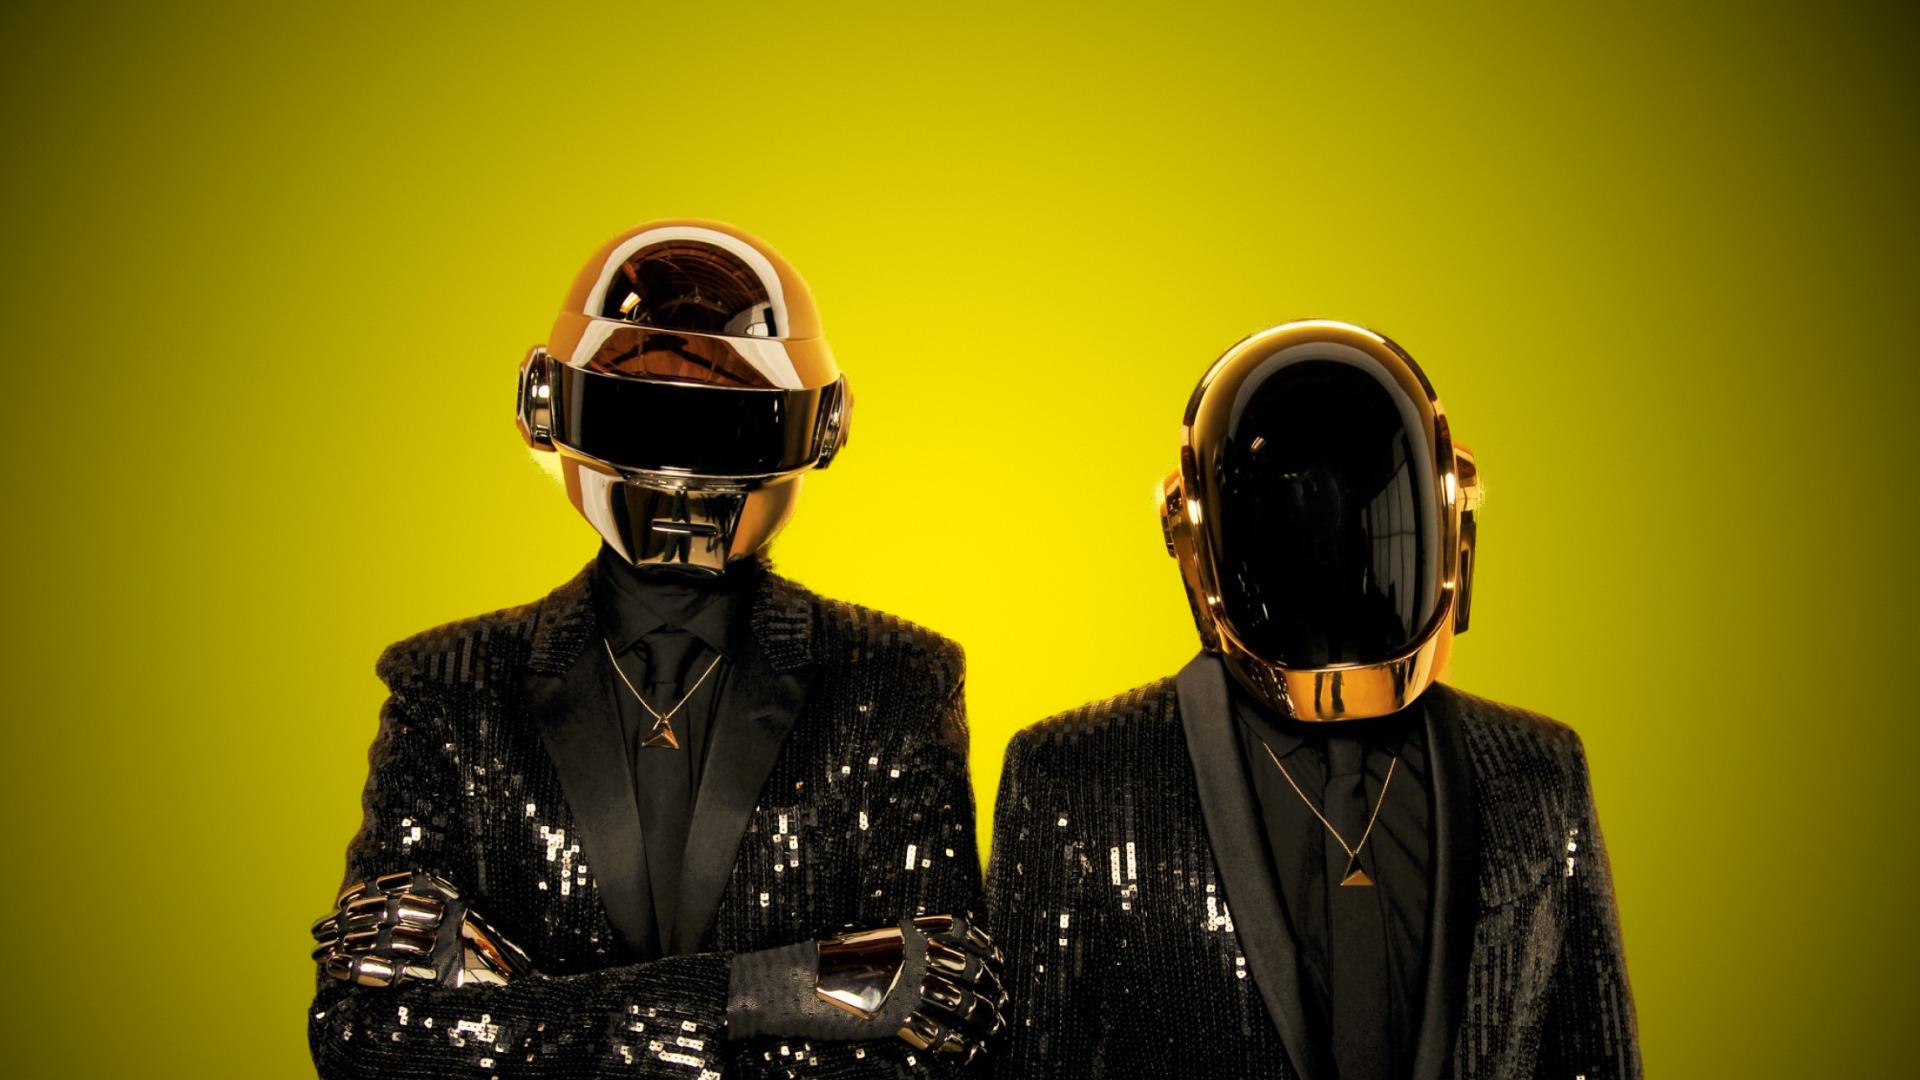 Revelan grabaciones inéditas de Daft Punk de hace más de 25 años